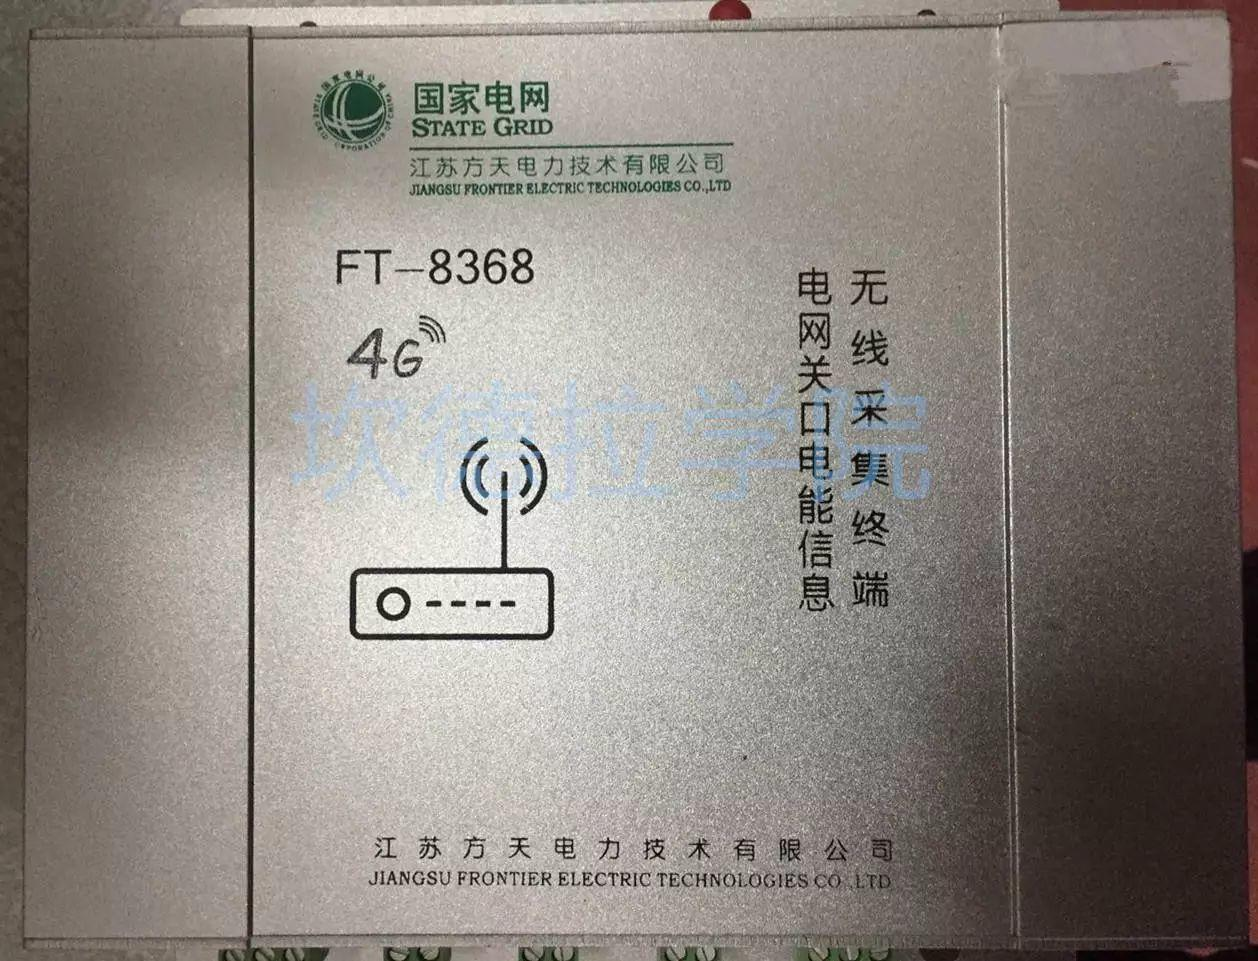 江苏1231光伏并网最重要装置FT-8368